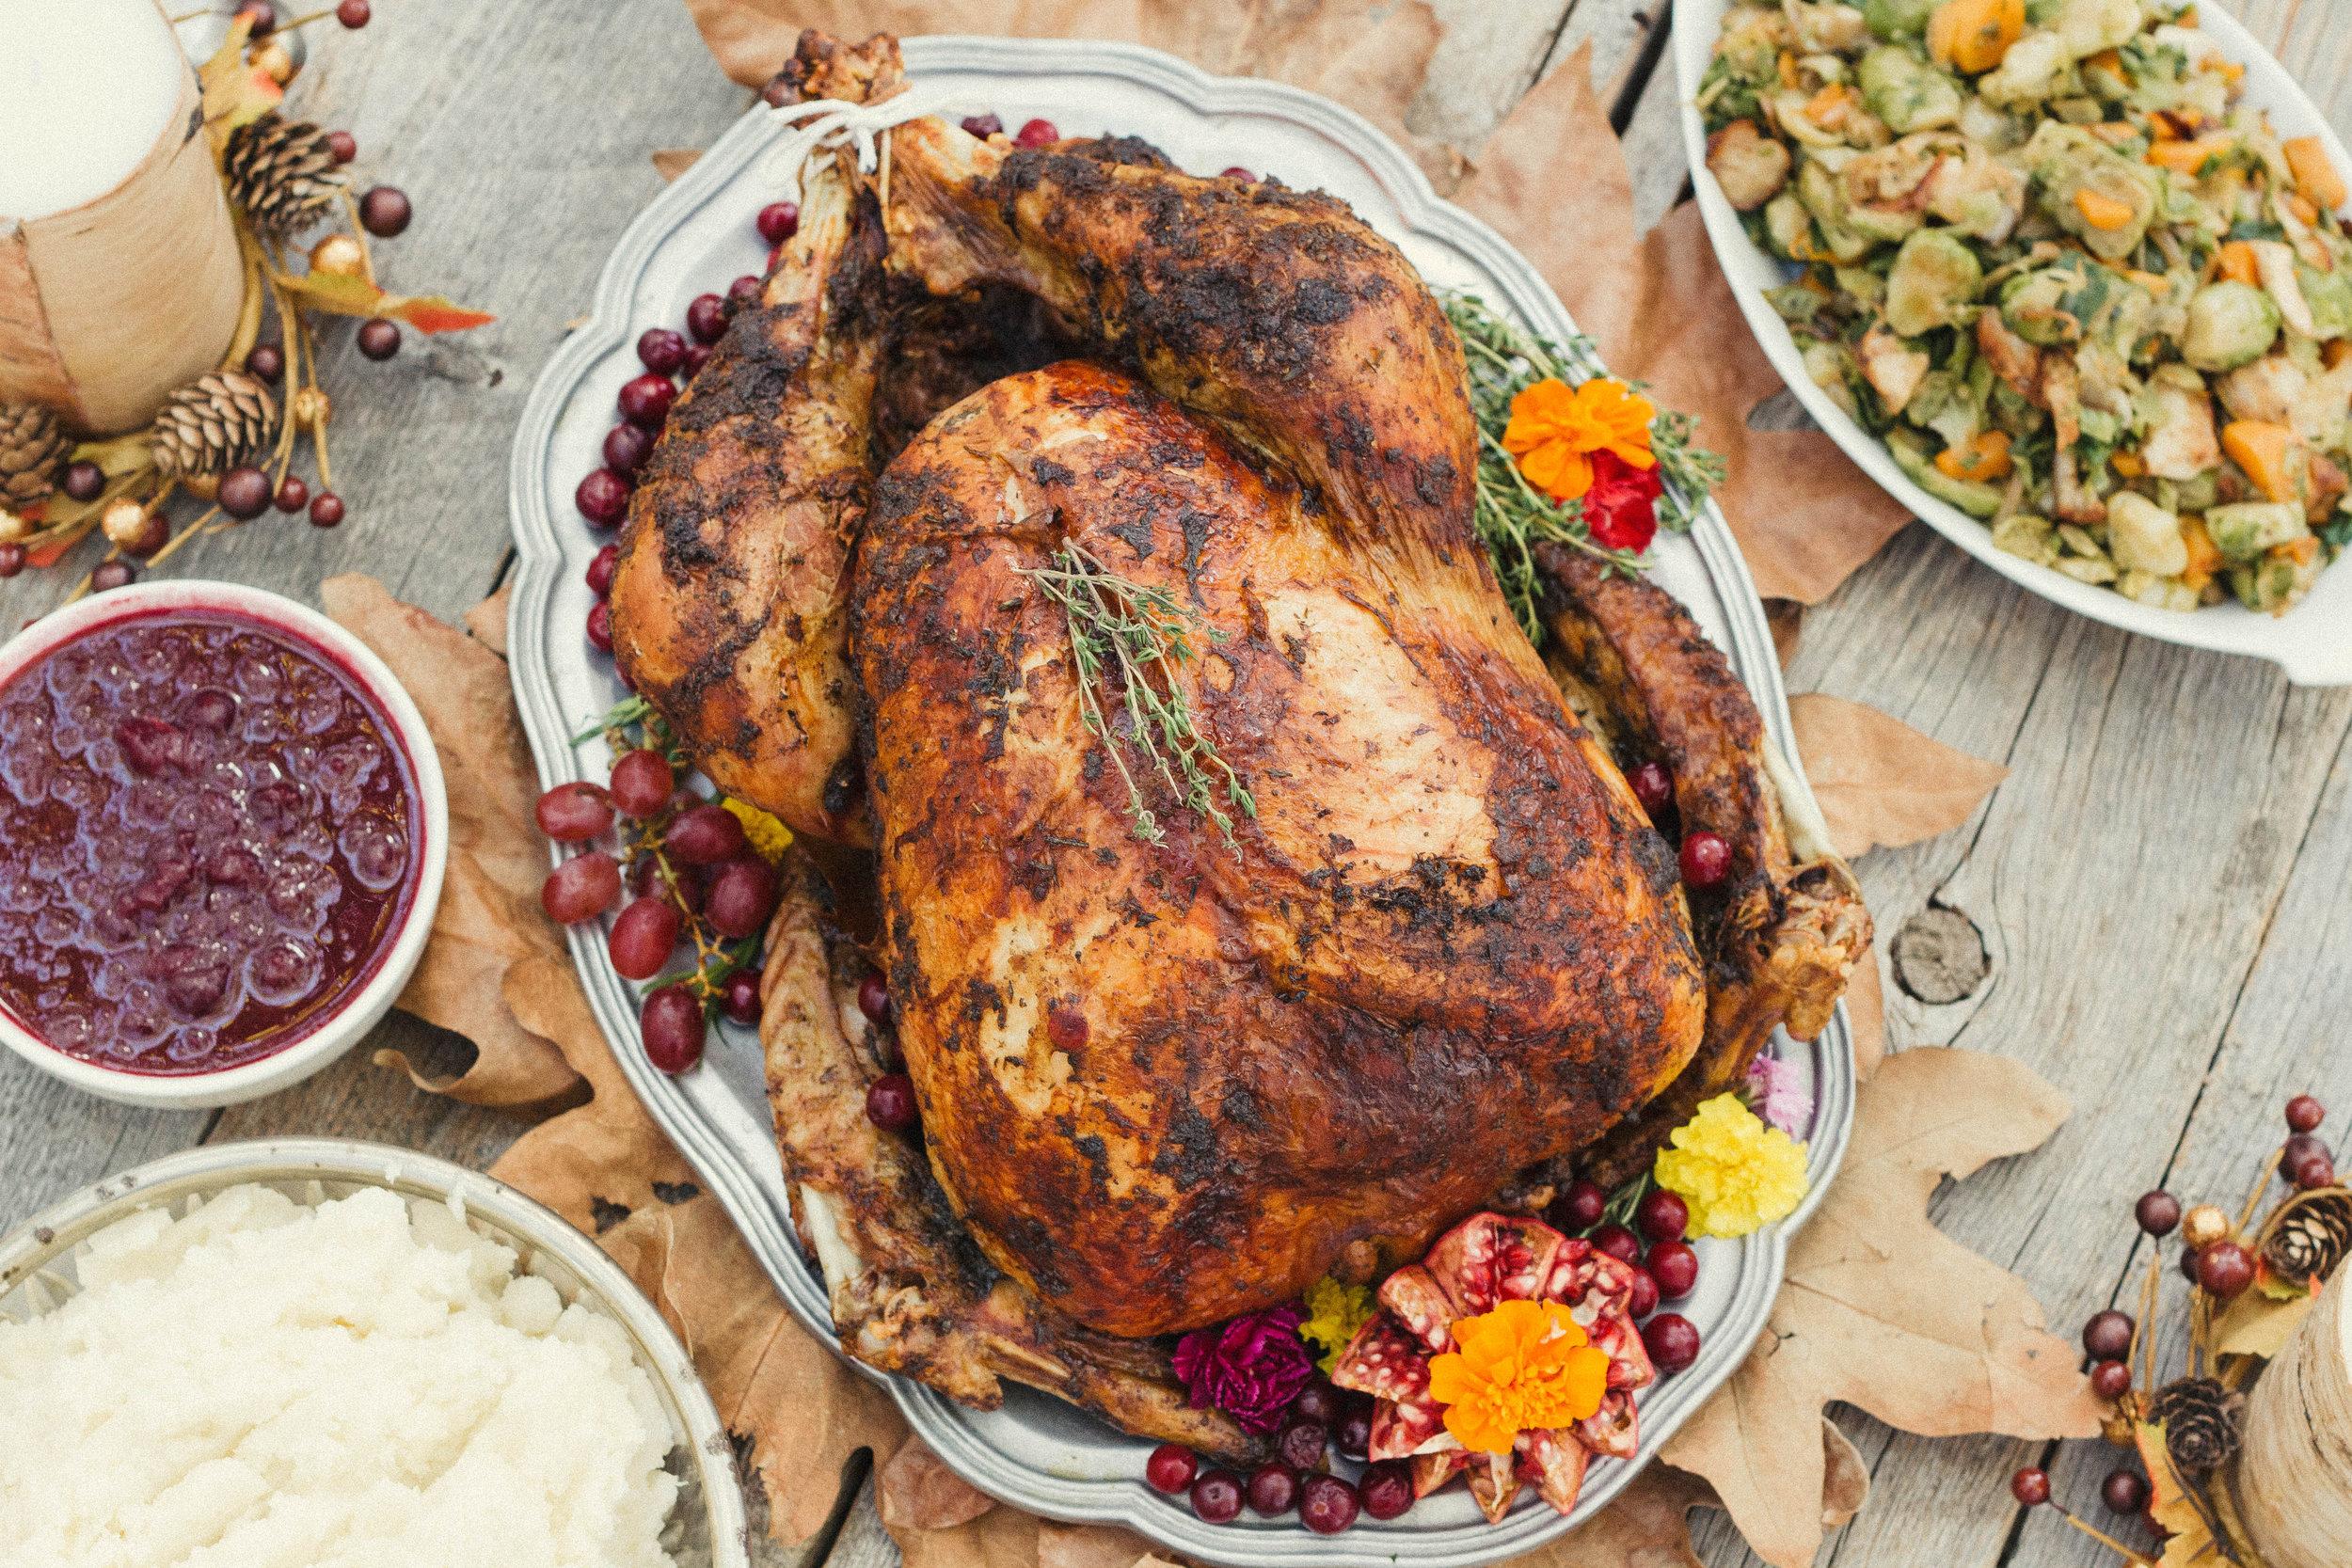 Turkey dinner with sides 2.jpg